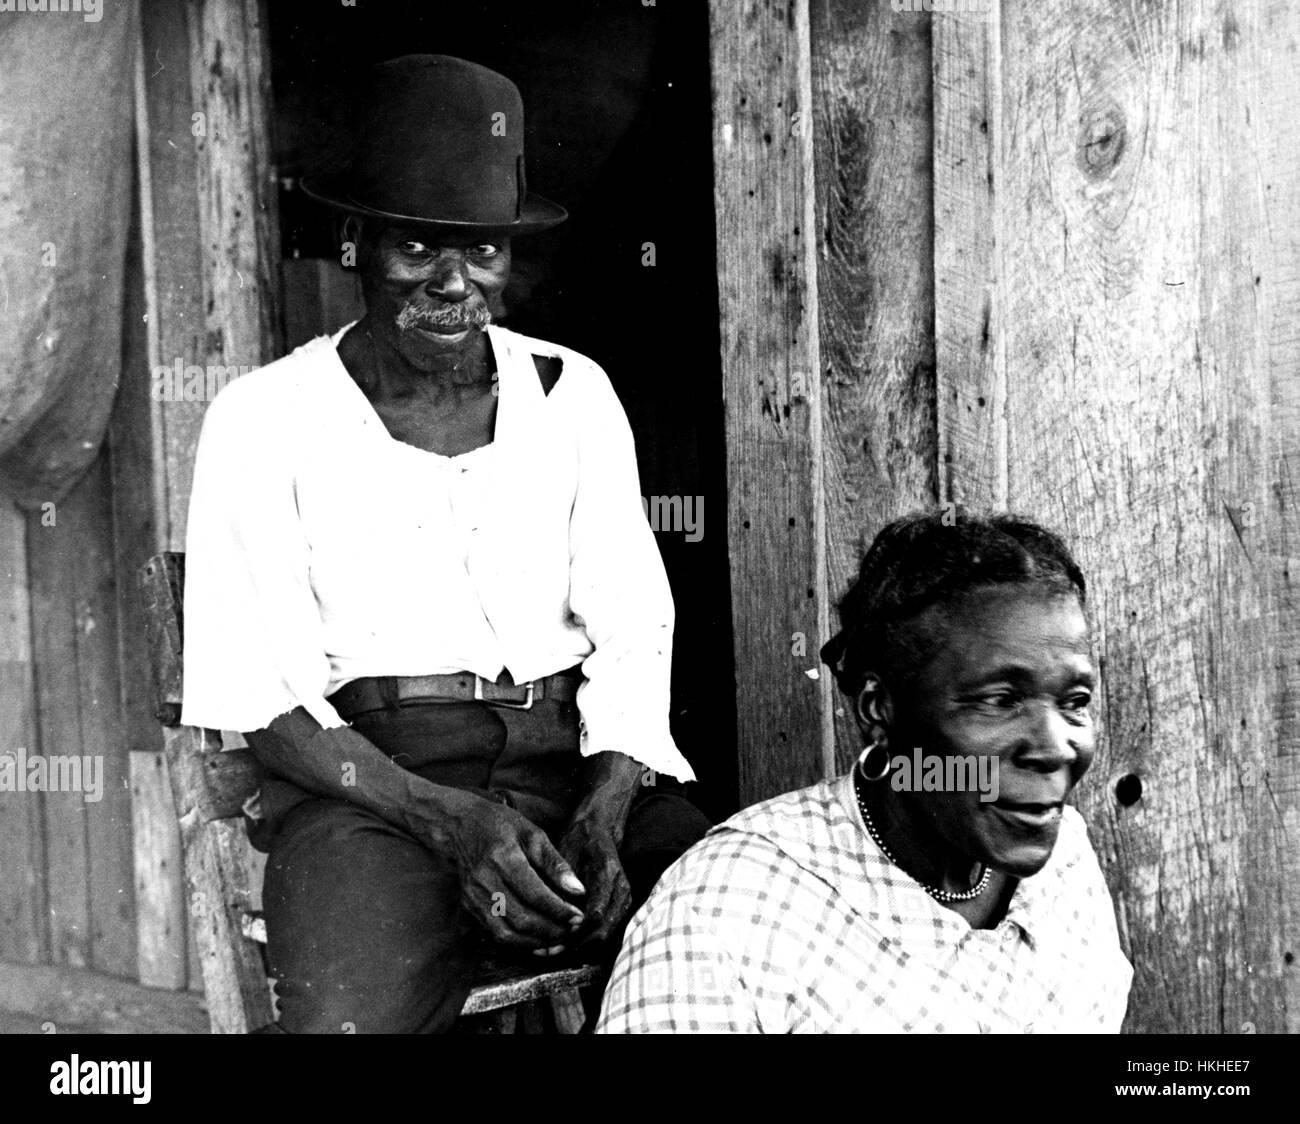 Fotografia in bianco e nero di due coppia afro-americano di mezzadri, una donna seduta in primo piano un uomo seduto Immagini Stock